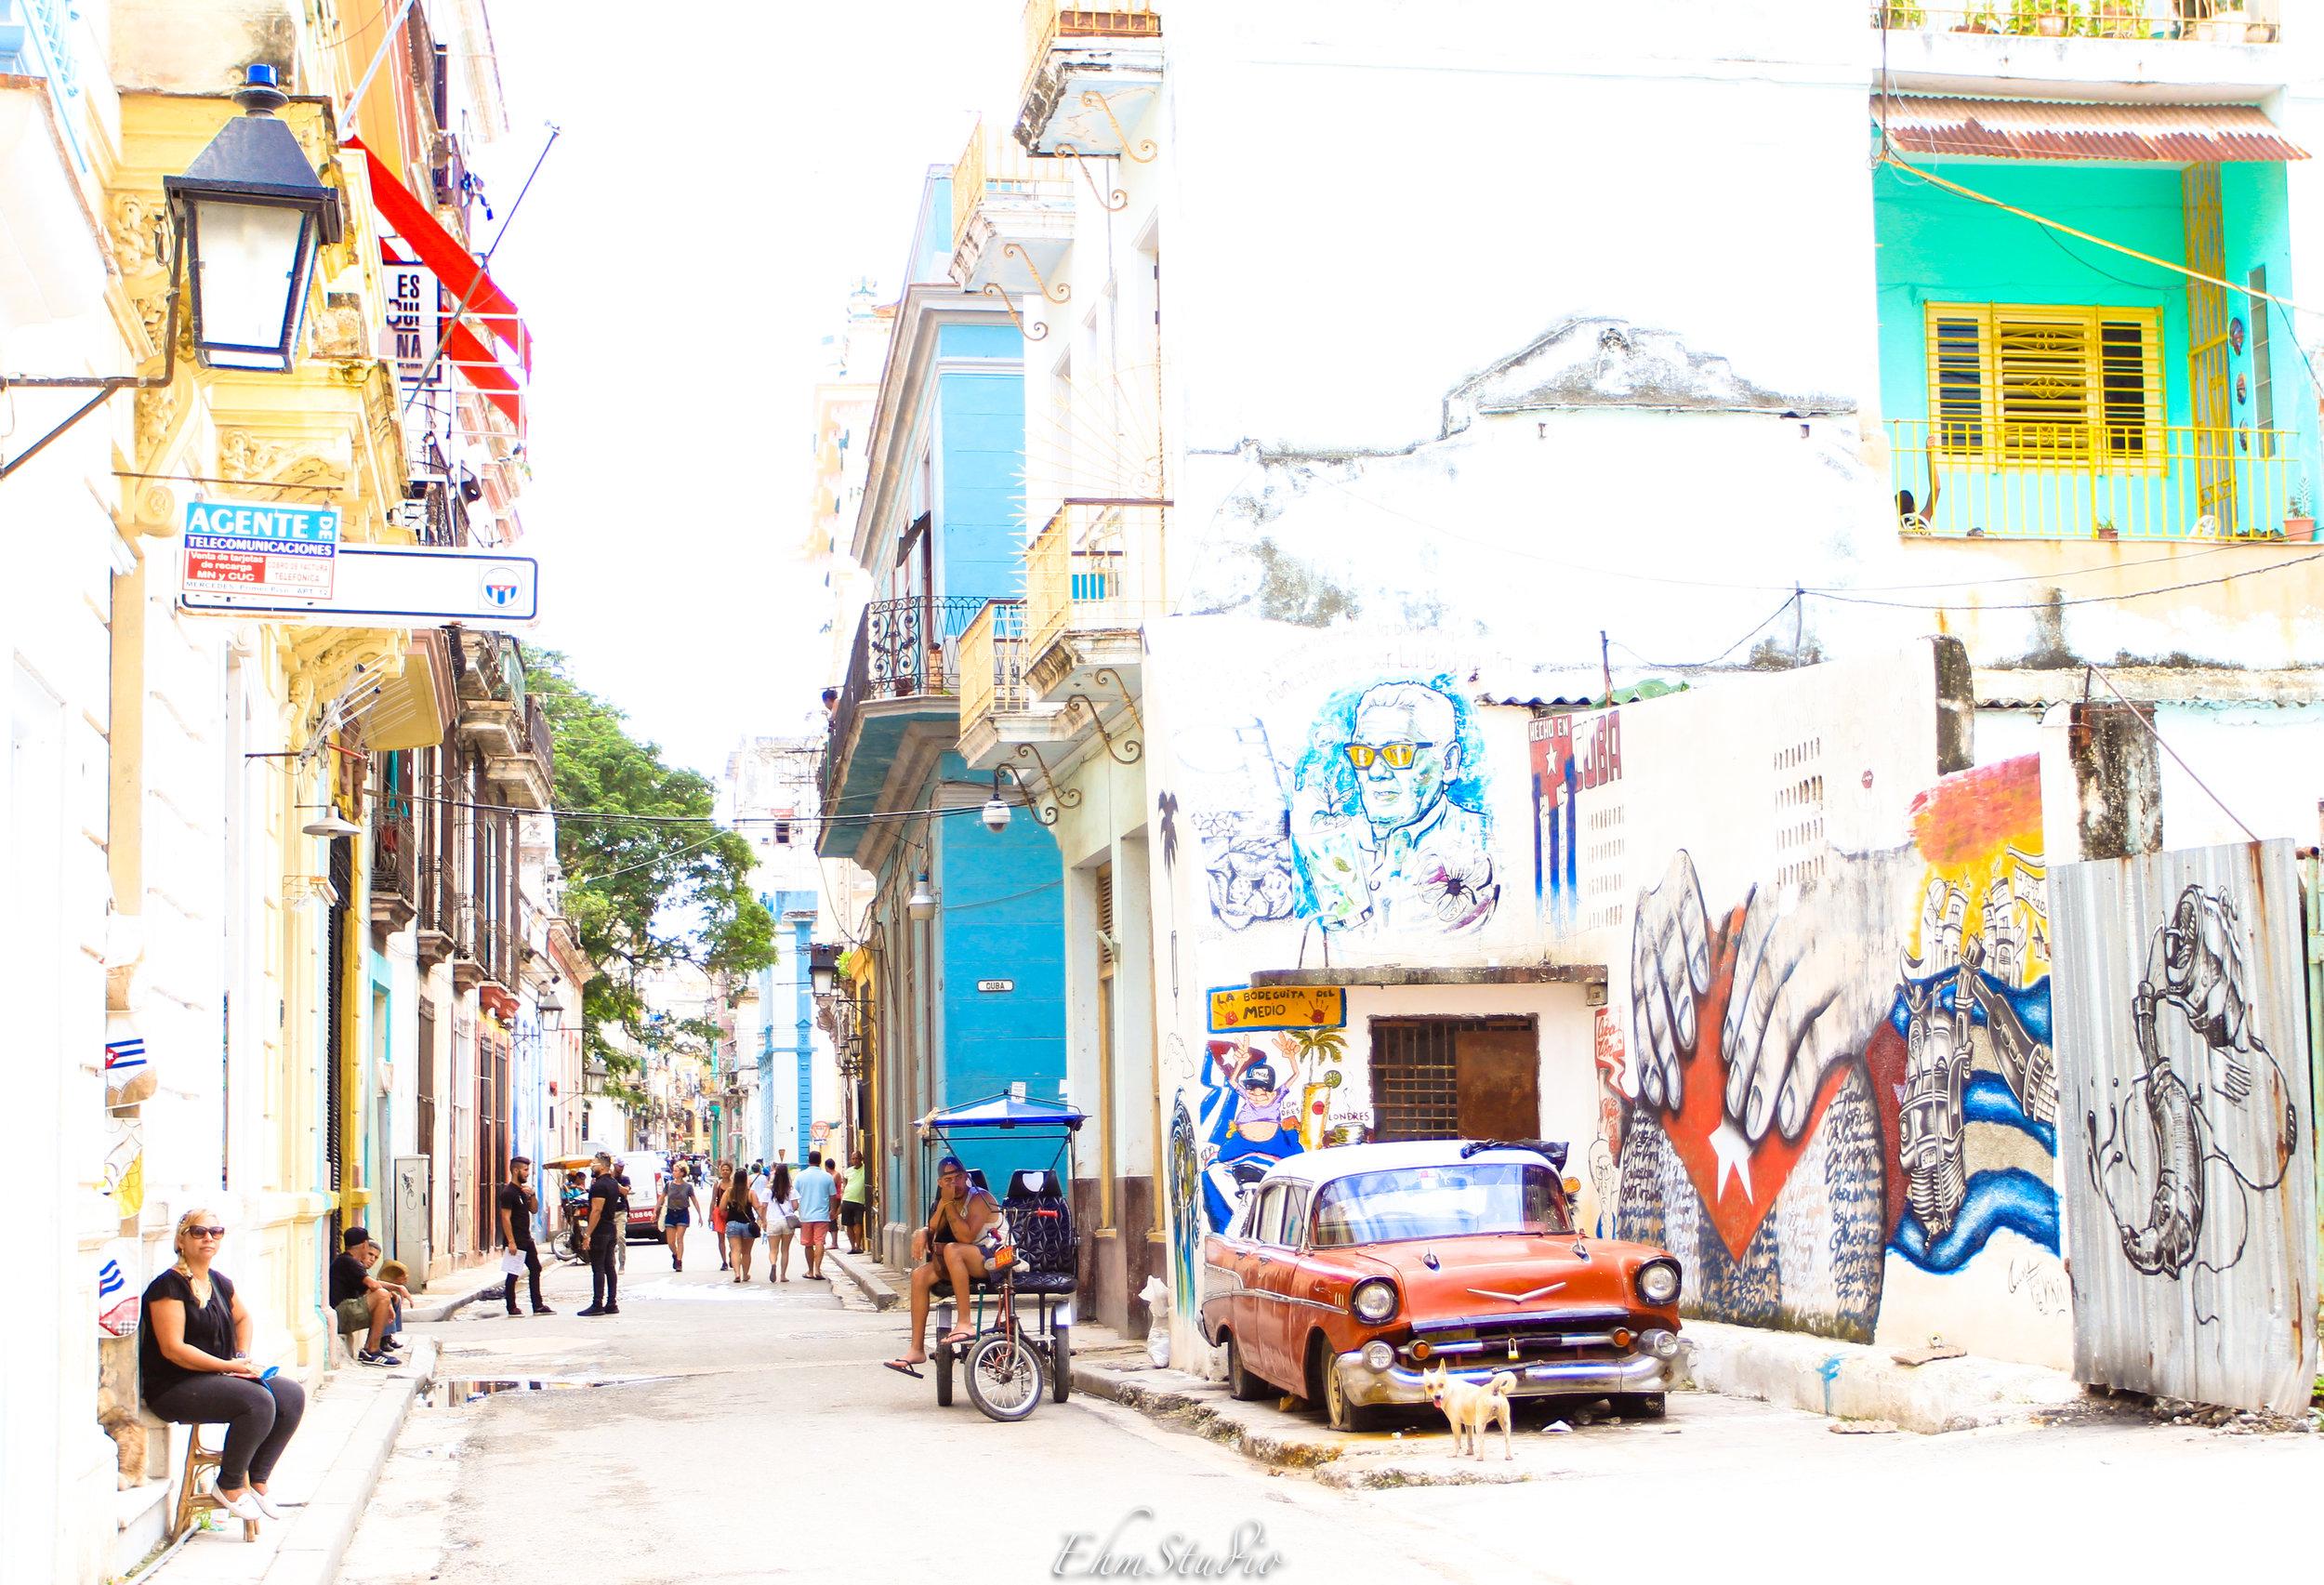 Cuba2018Edits-2.jpg